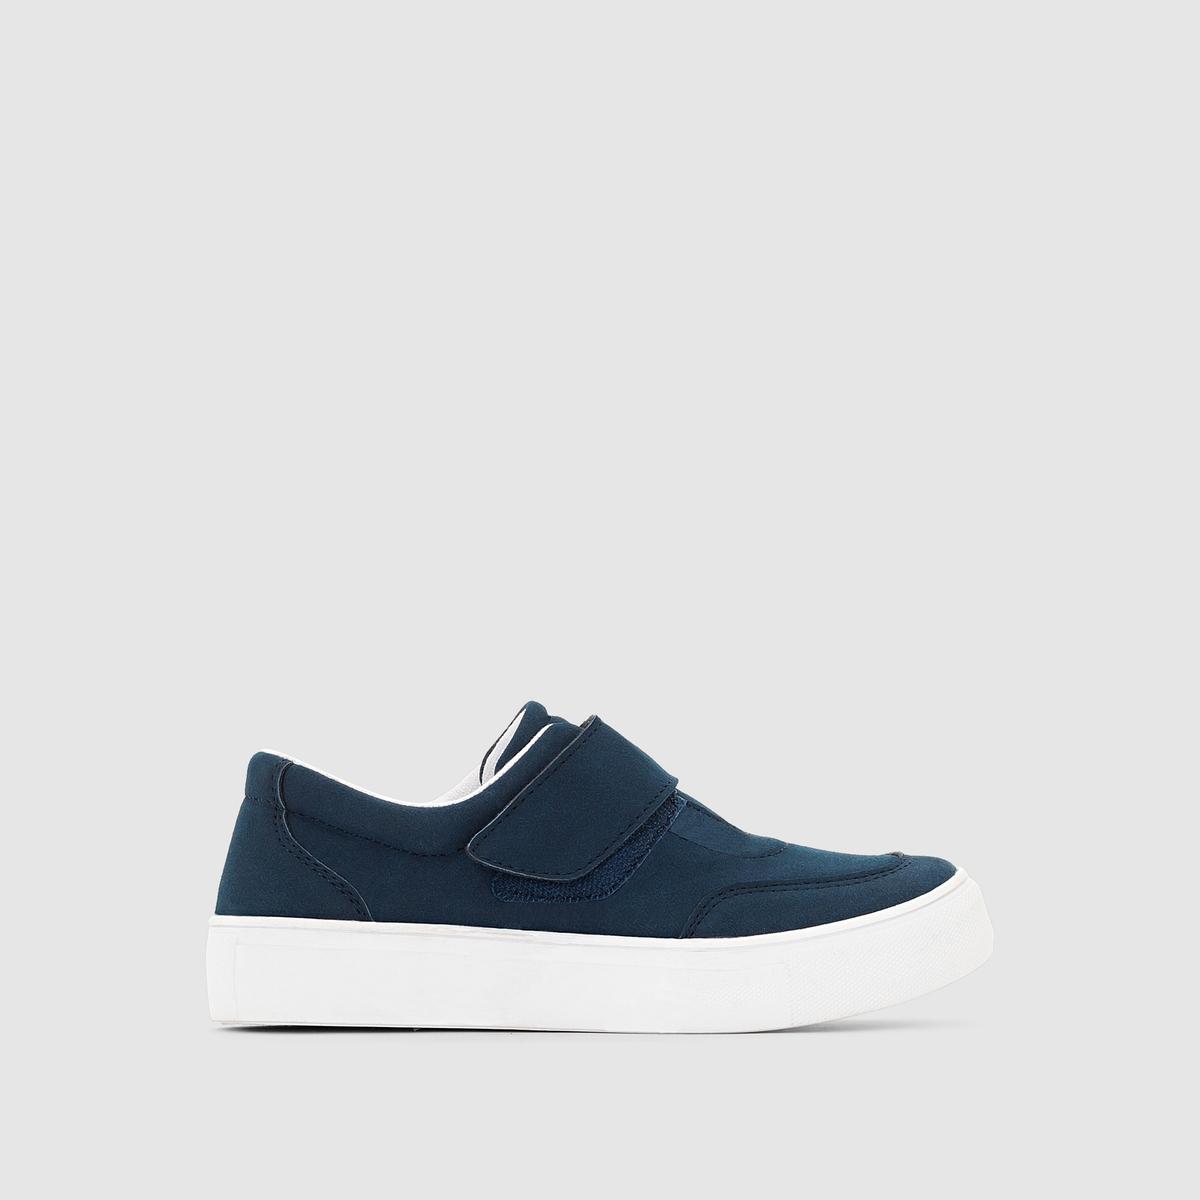 Кеды синтетическиеДетали  •  Спортивный стиль •  Плоский каблук •  Застежка : планка-велкро •  Гладкая отделкаСостав и уход  •  Верх 100% синтетический материал •  Подкладка 100% хлопок<br><br>Цвет: сине-серый<br>Размер: 39